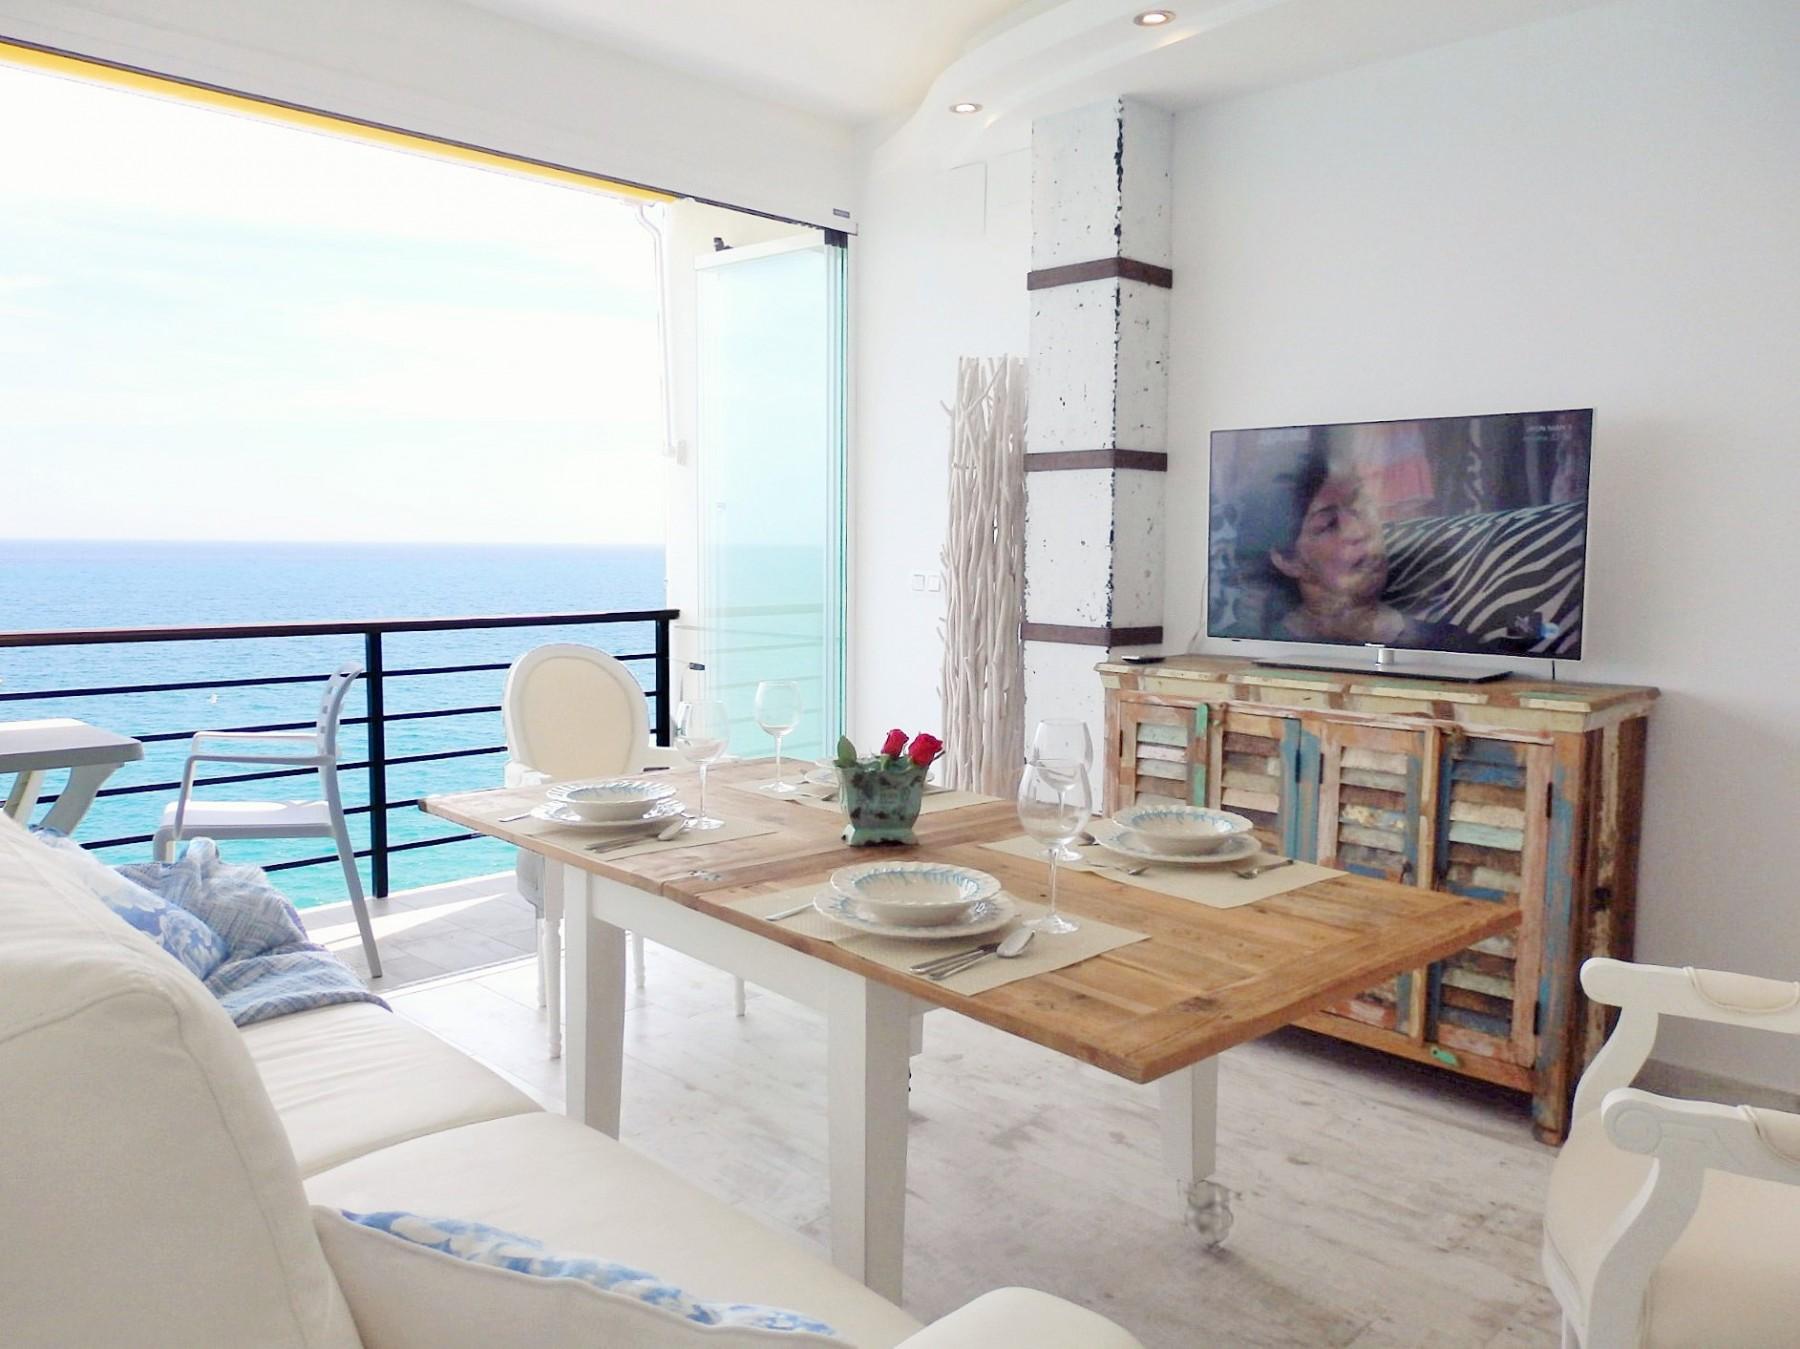 Apartments in Torremolinos - Santa clara 6 Apartment